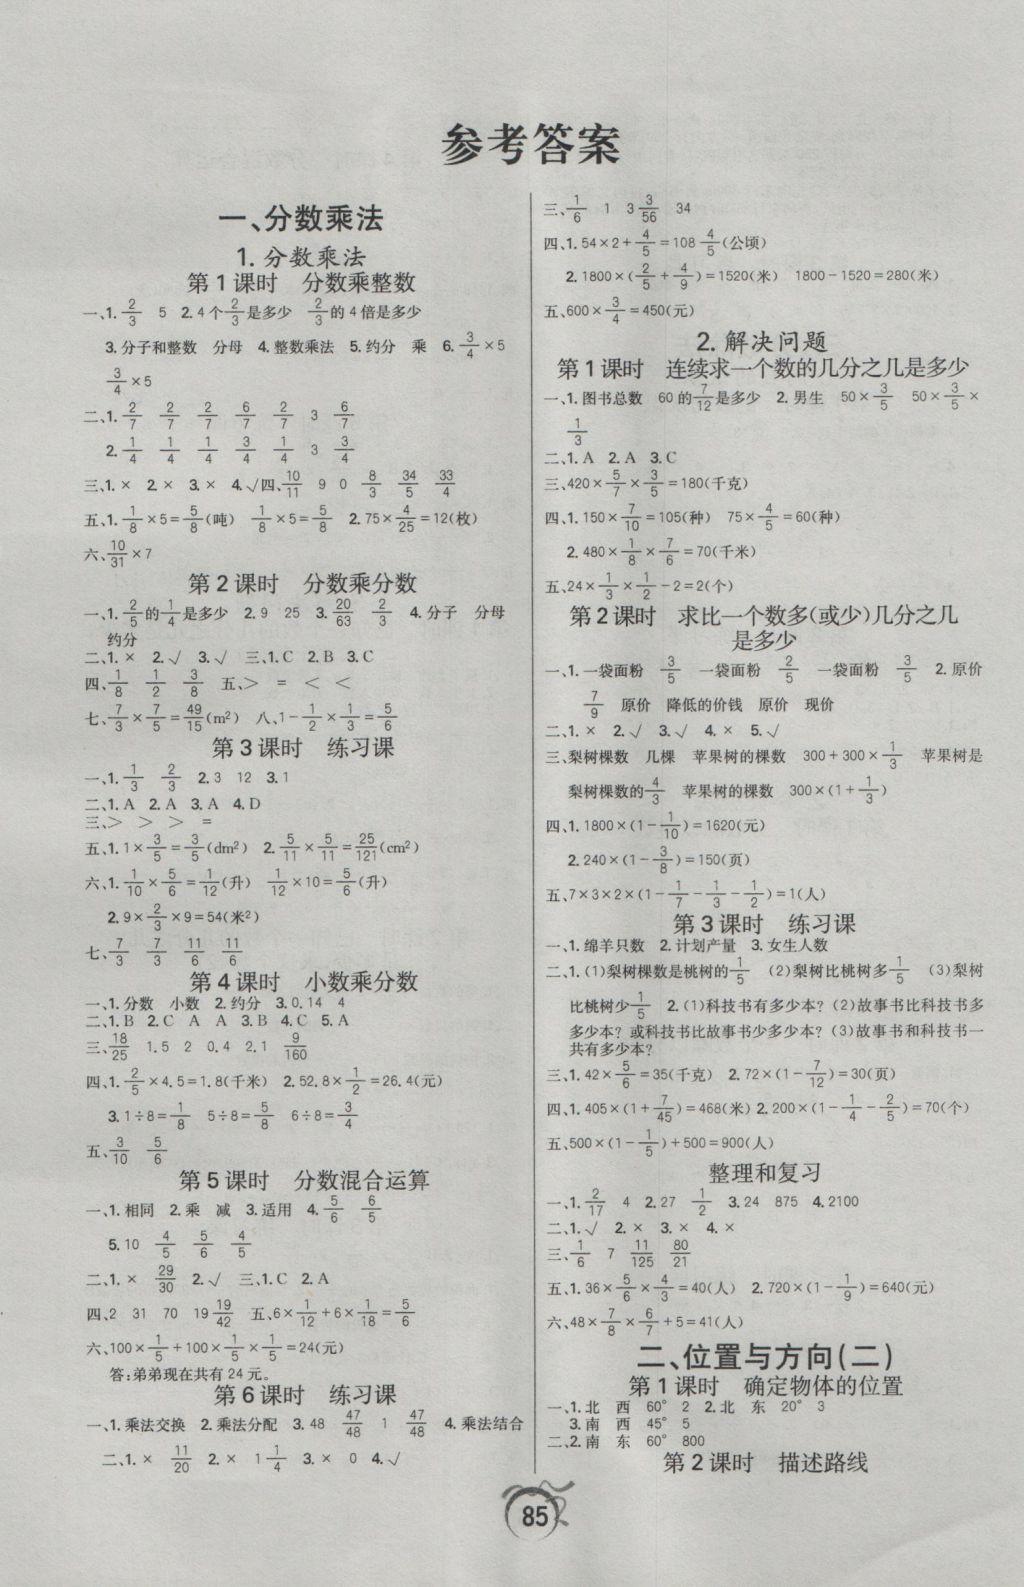 六年級數與代數思維導圖_最新人教版六年級數學工作計劃_六年級數學報